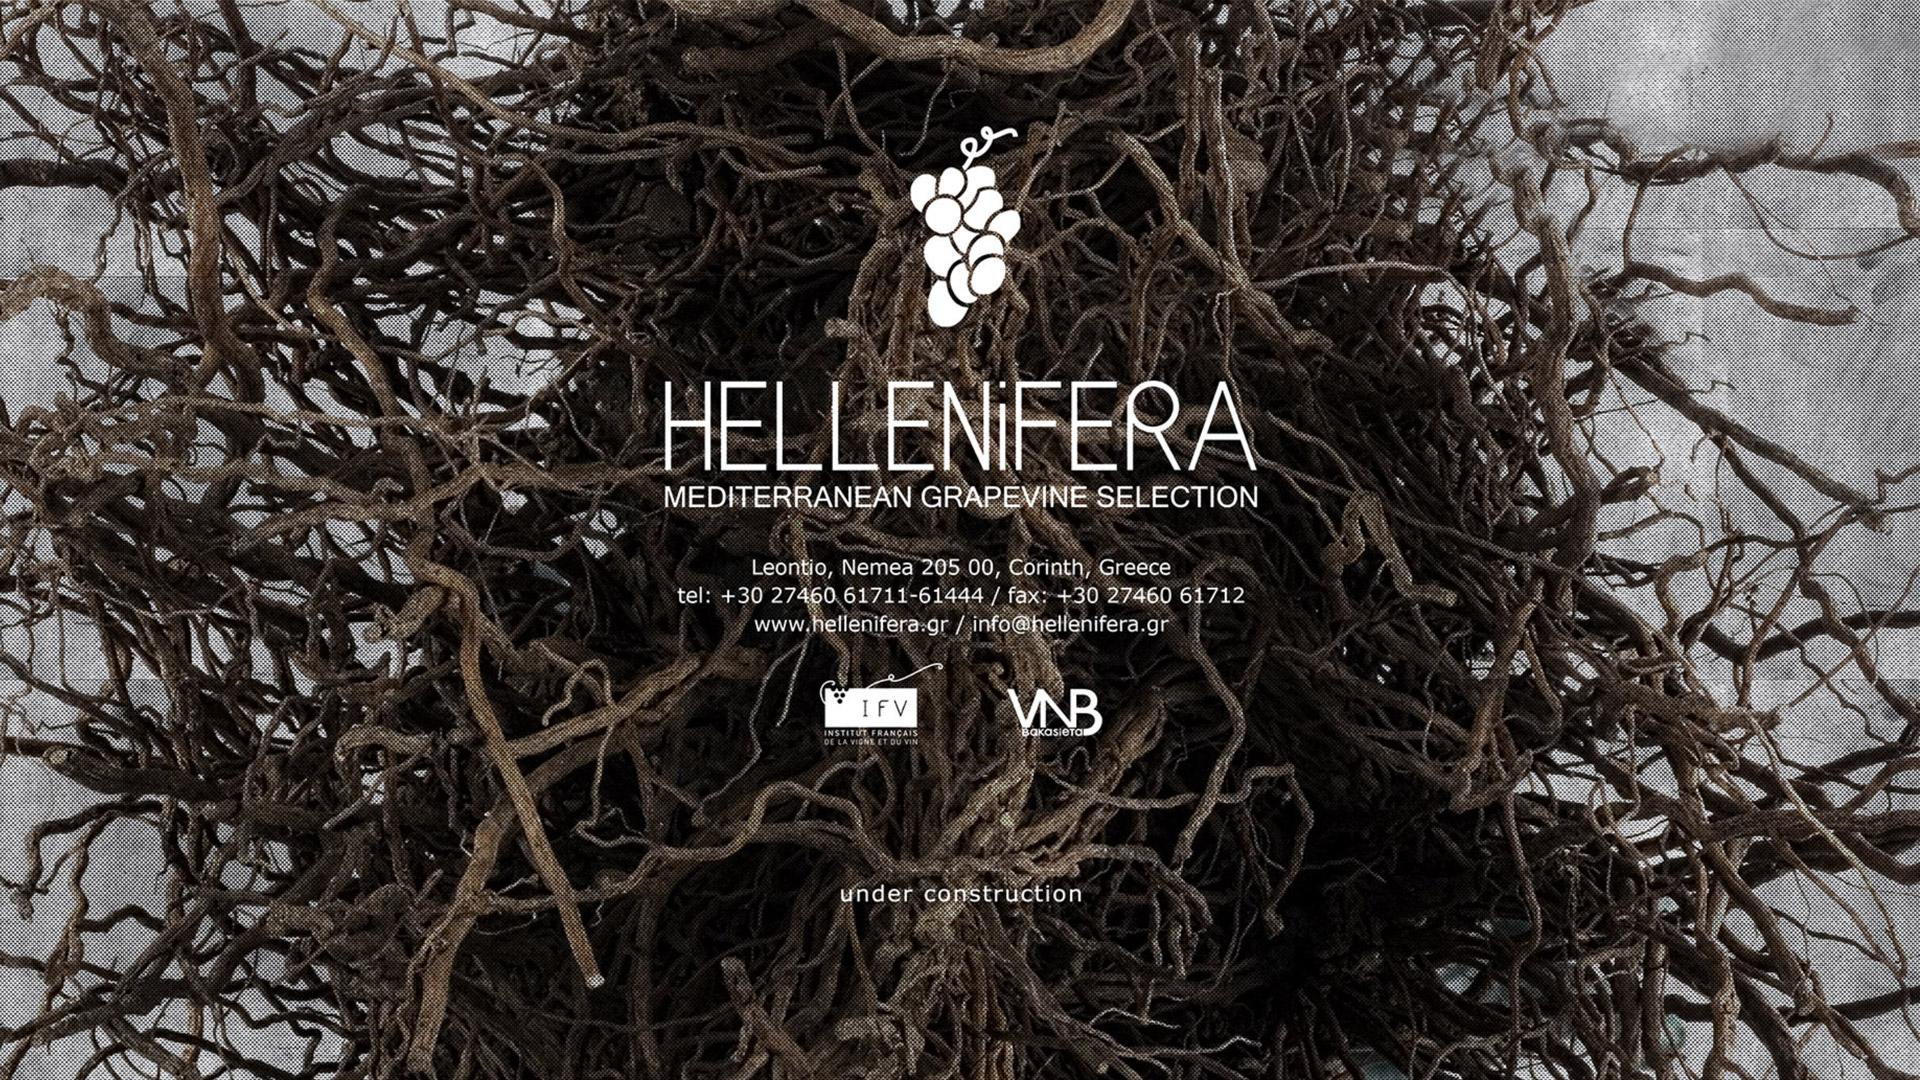 www.hellenifera.gr